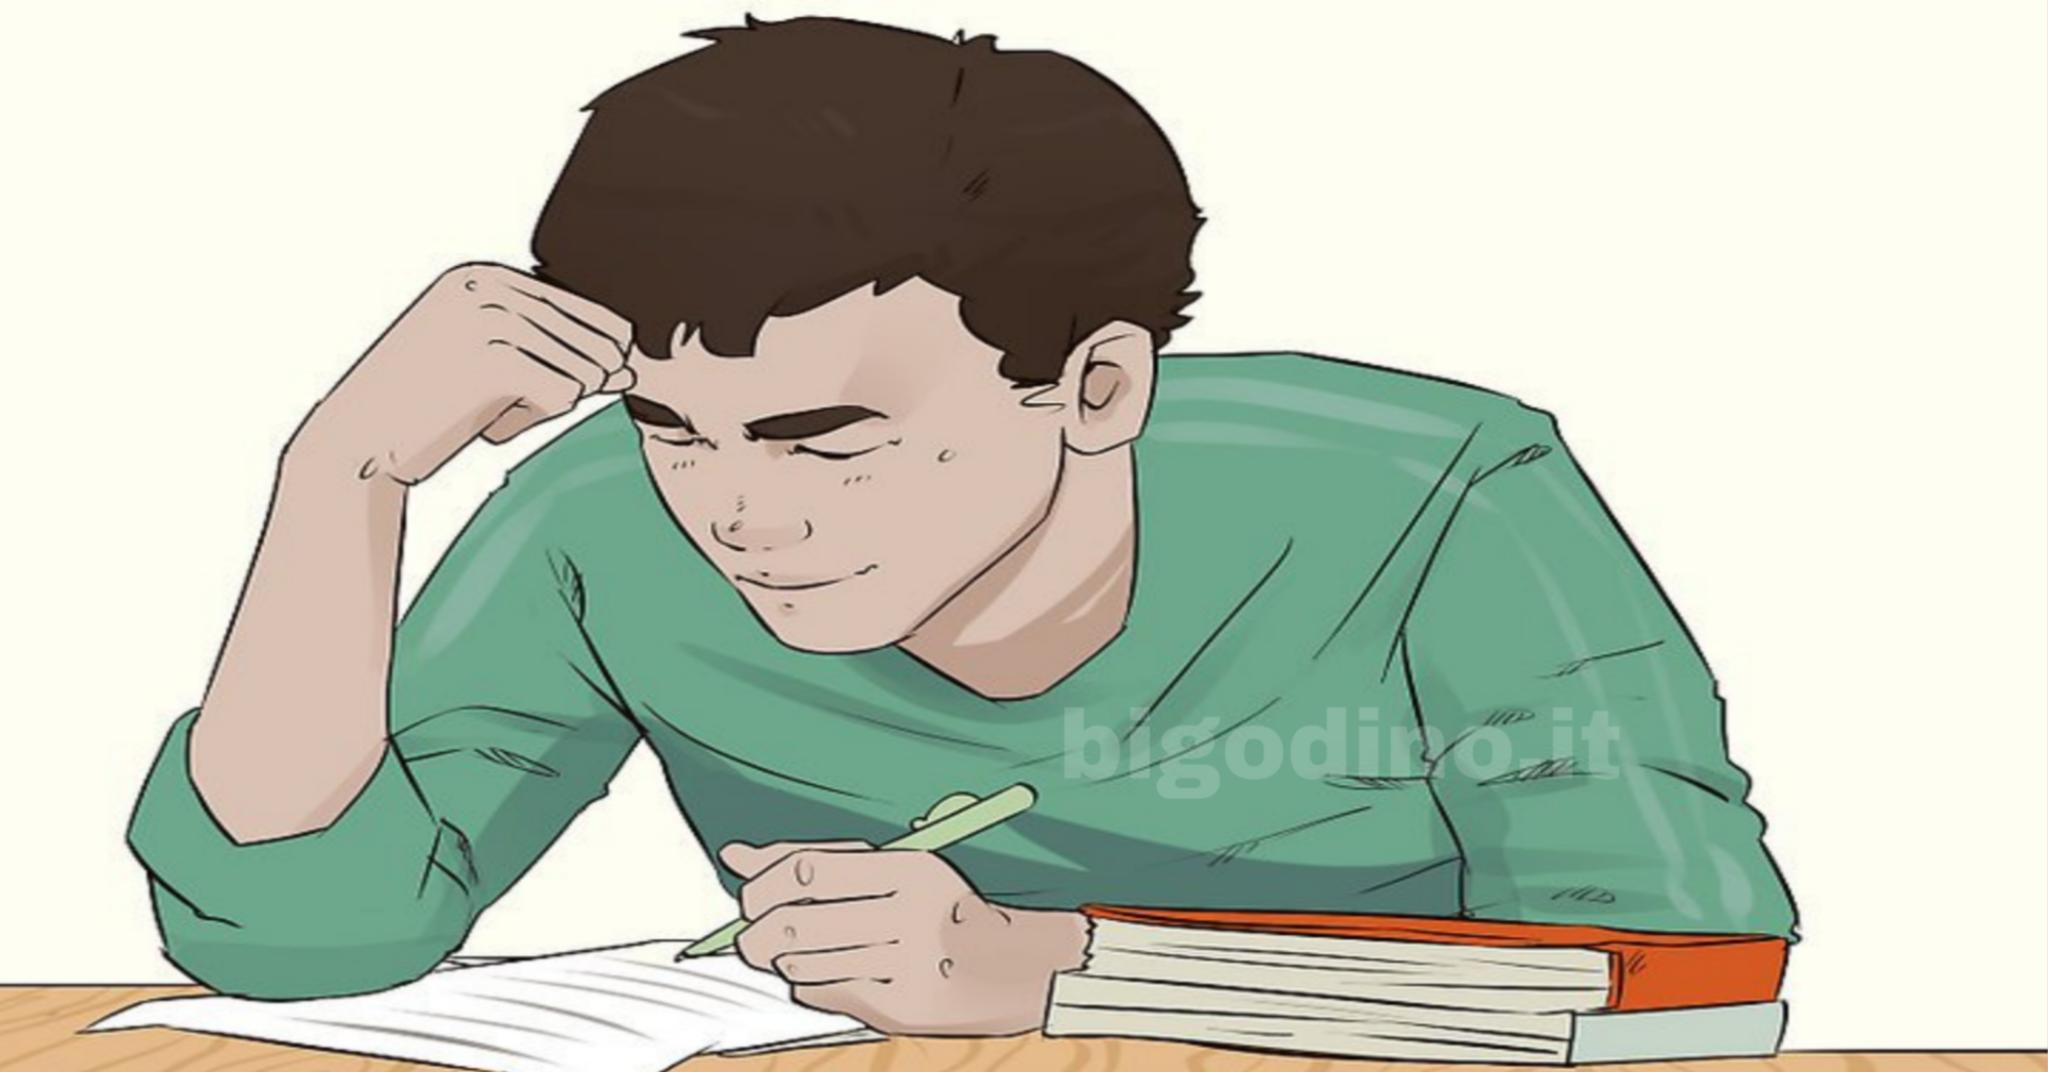 Le persone con una brutta calligrafia sono più intelligenti